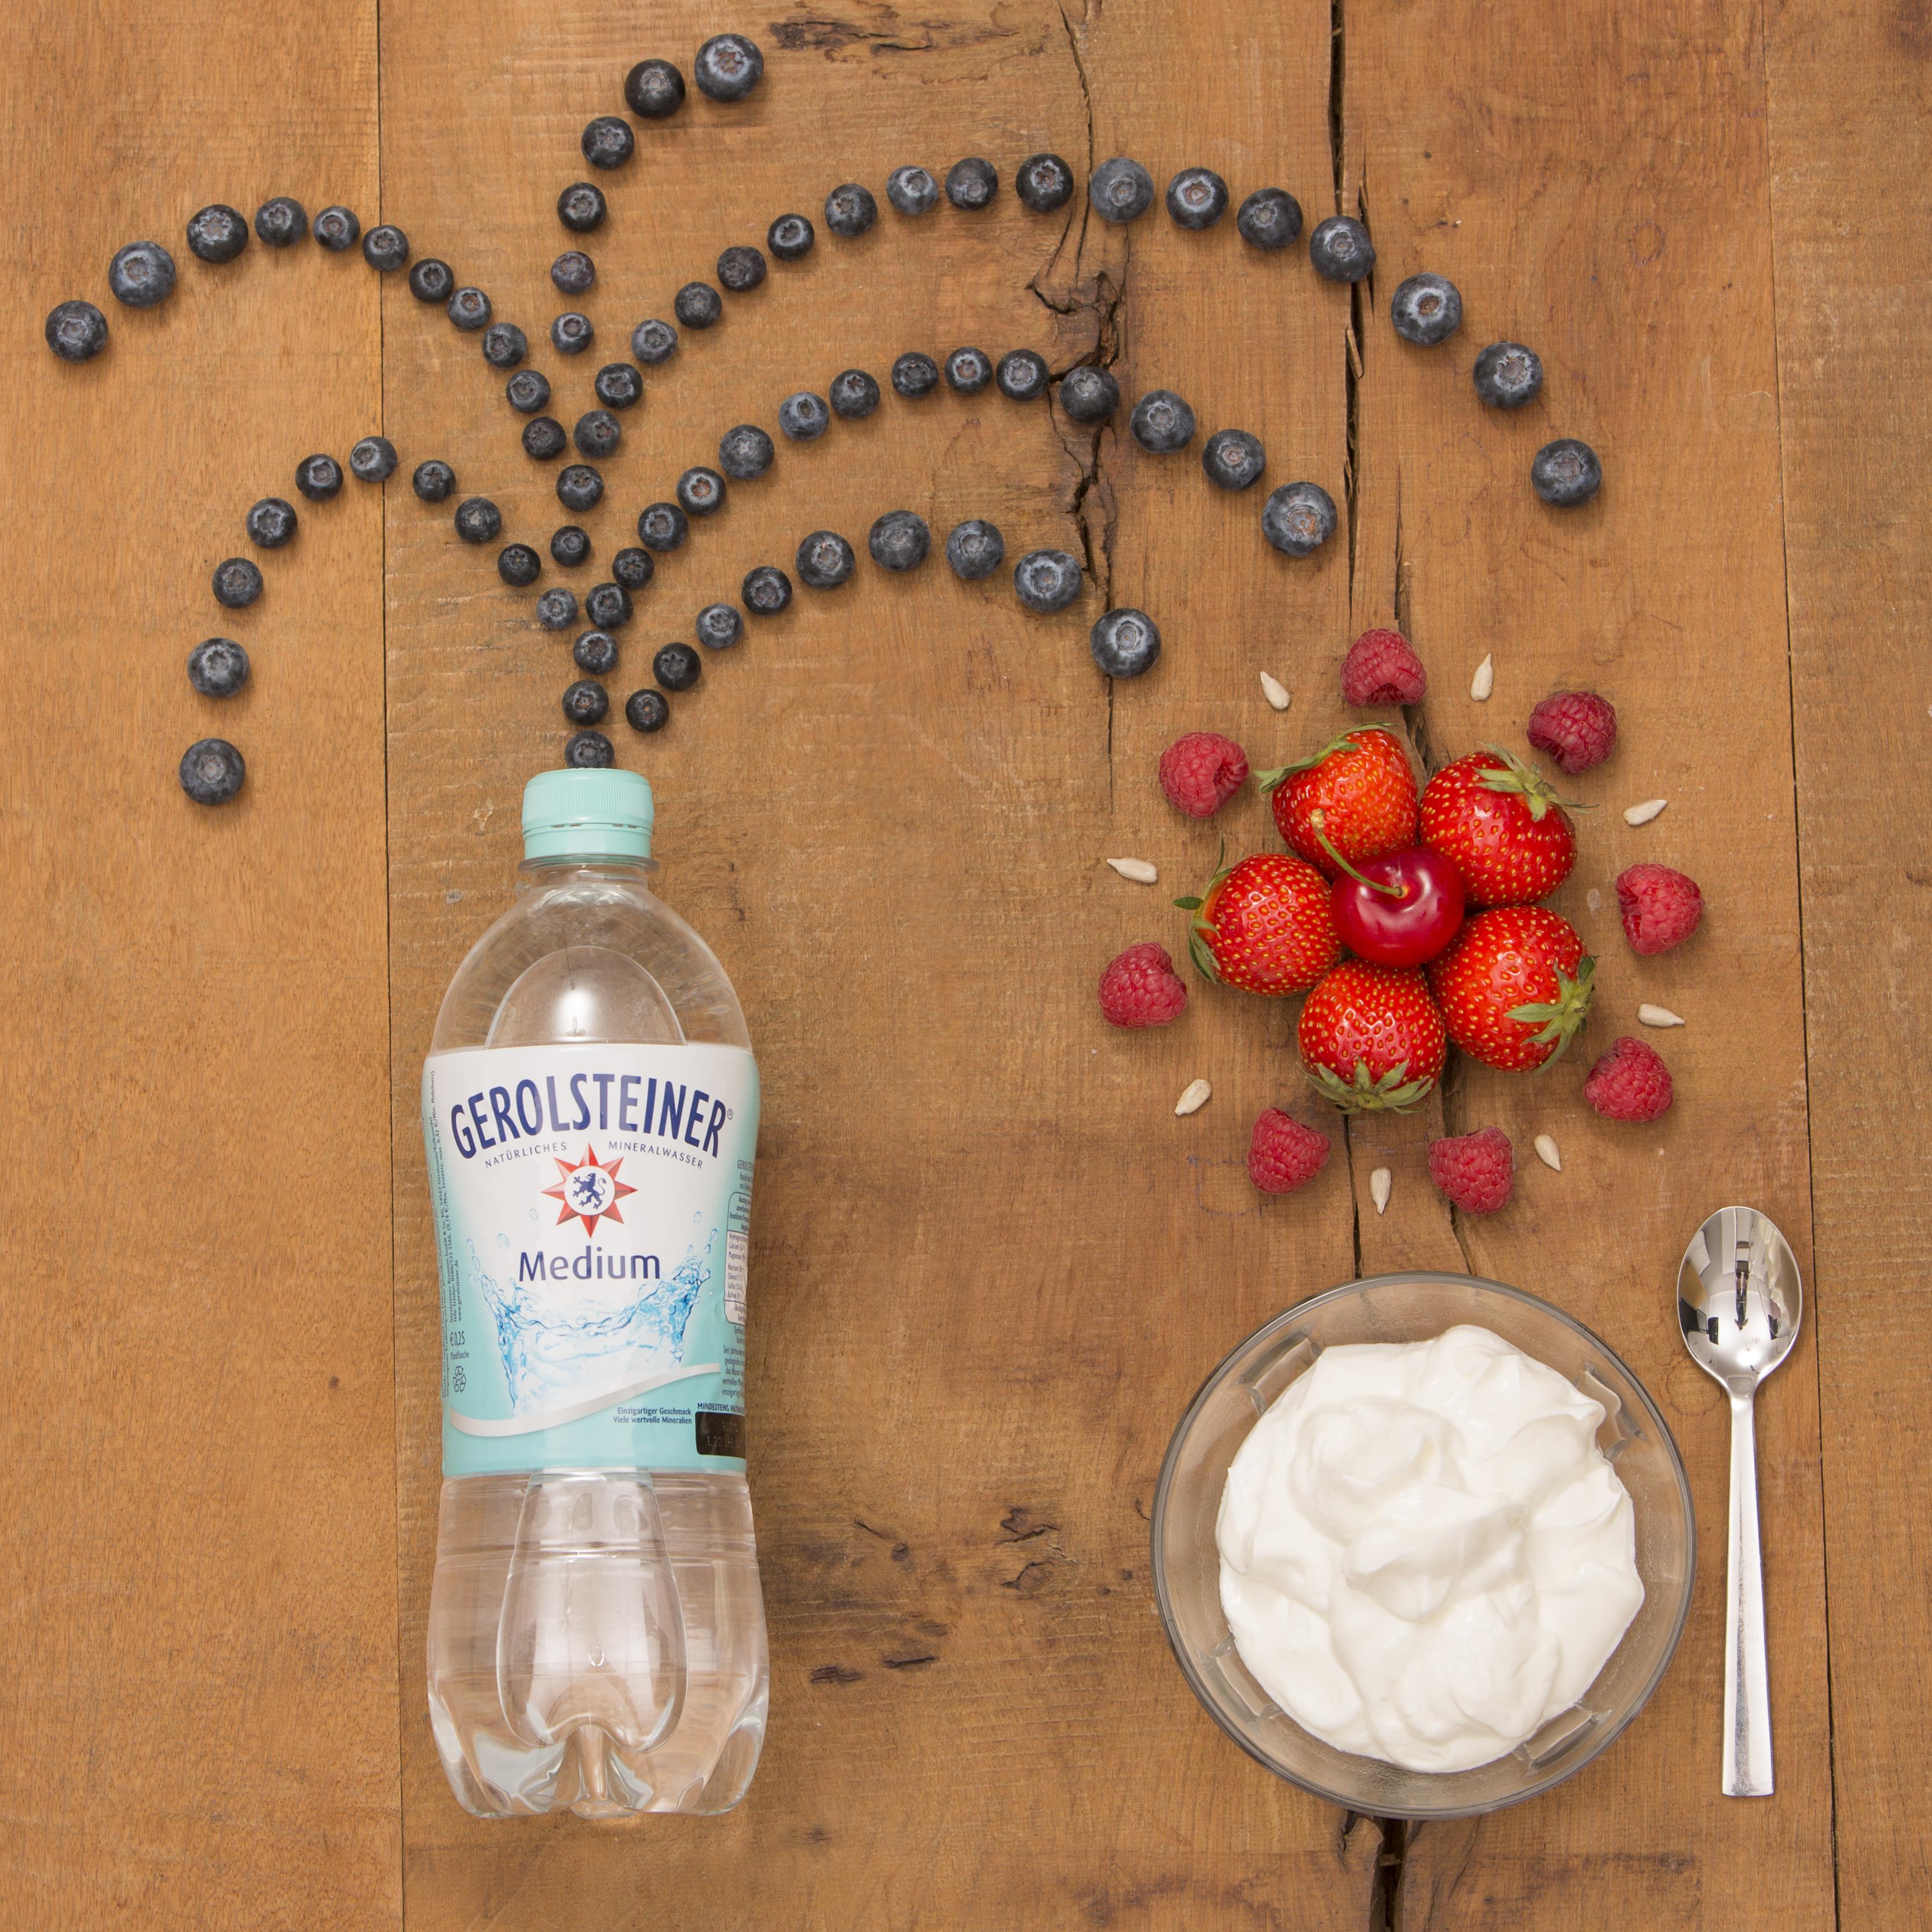 Projekt Wasserwoche Gerolsteiner Mineralwasser